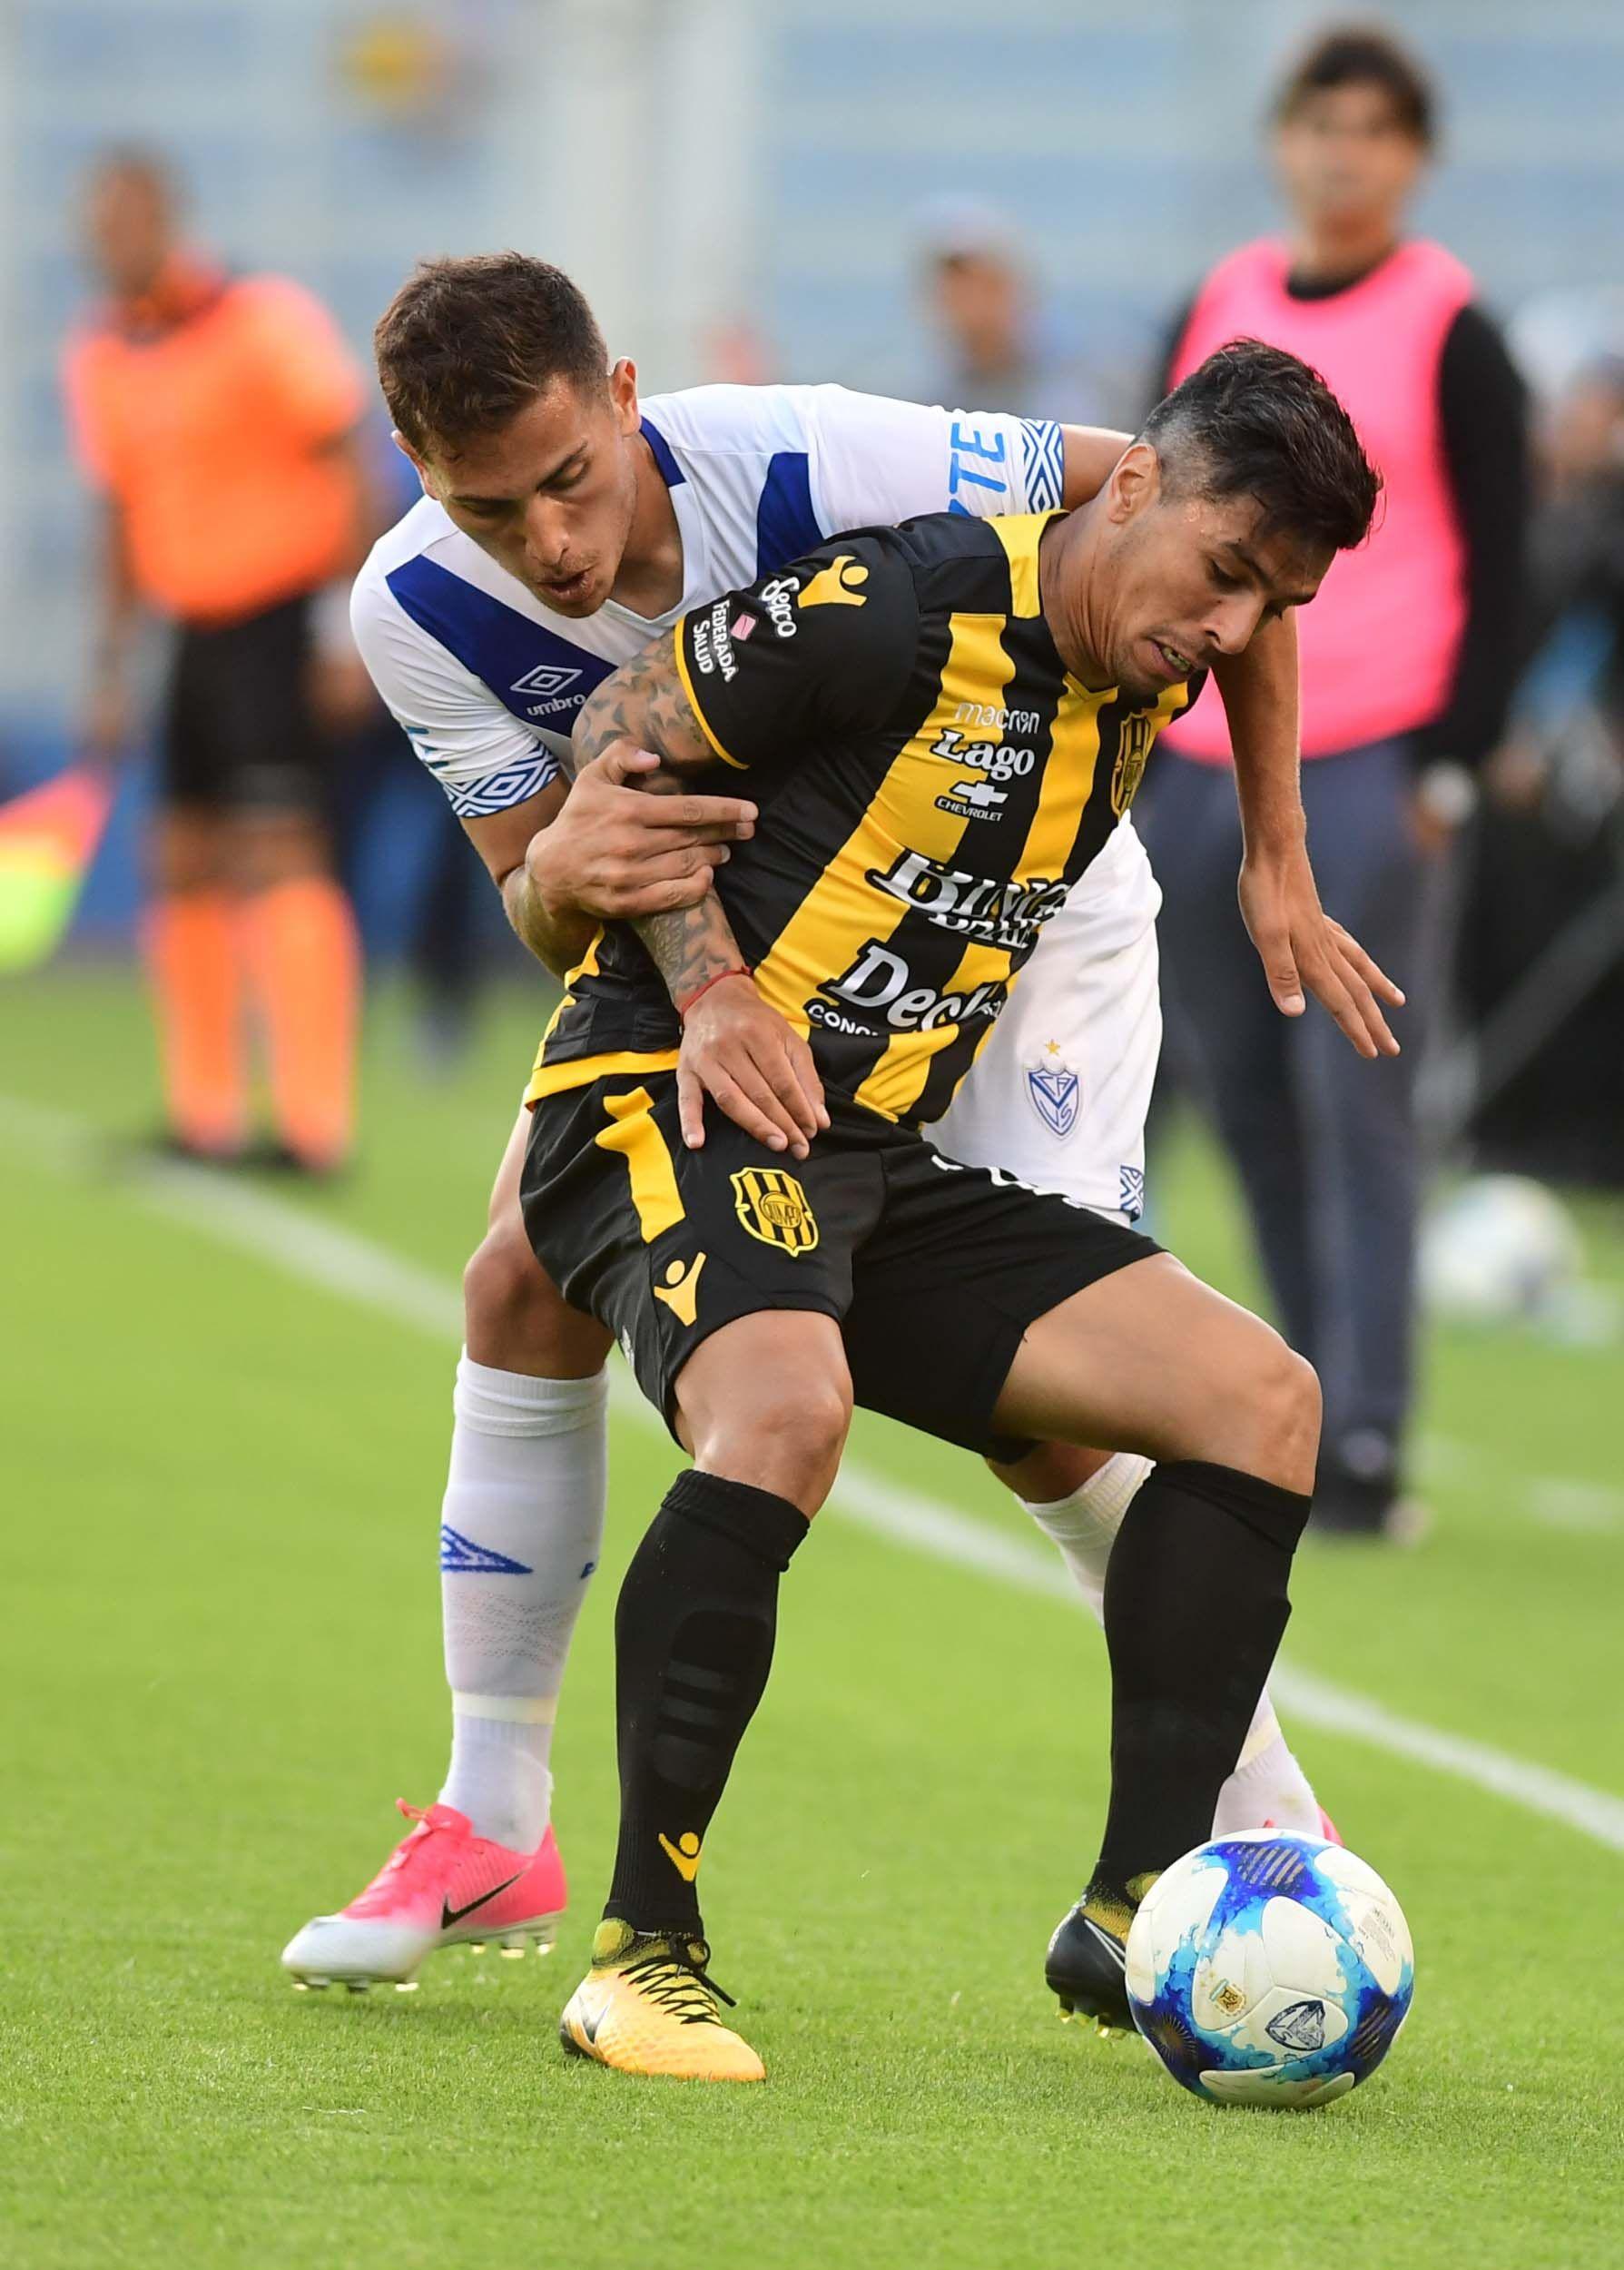 Vélez Sarsfield 3 - Olimpo de Bahía Blanca 0